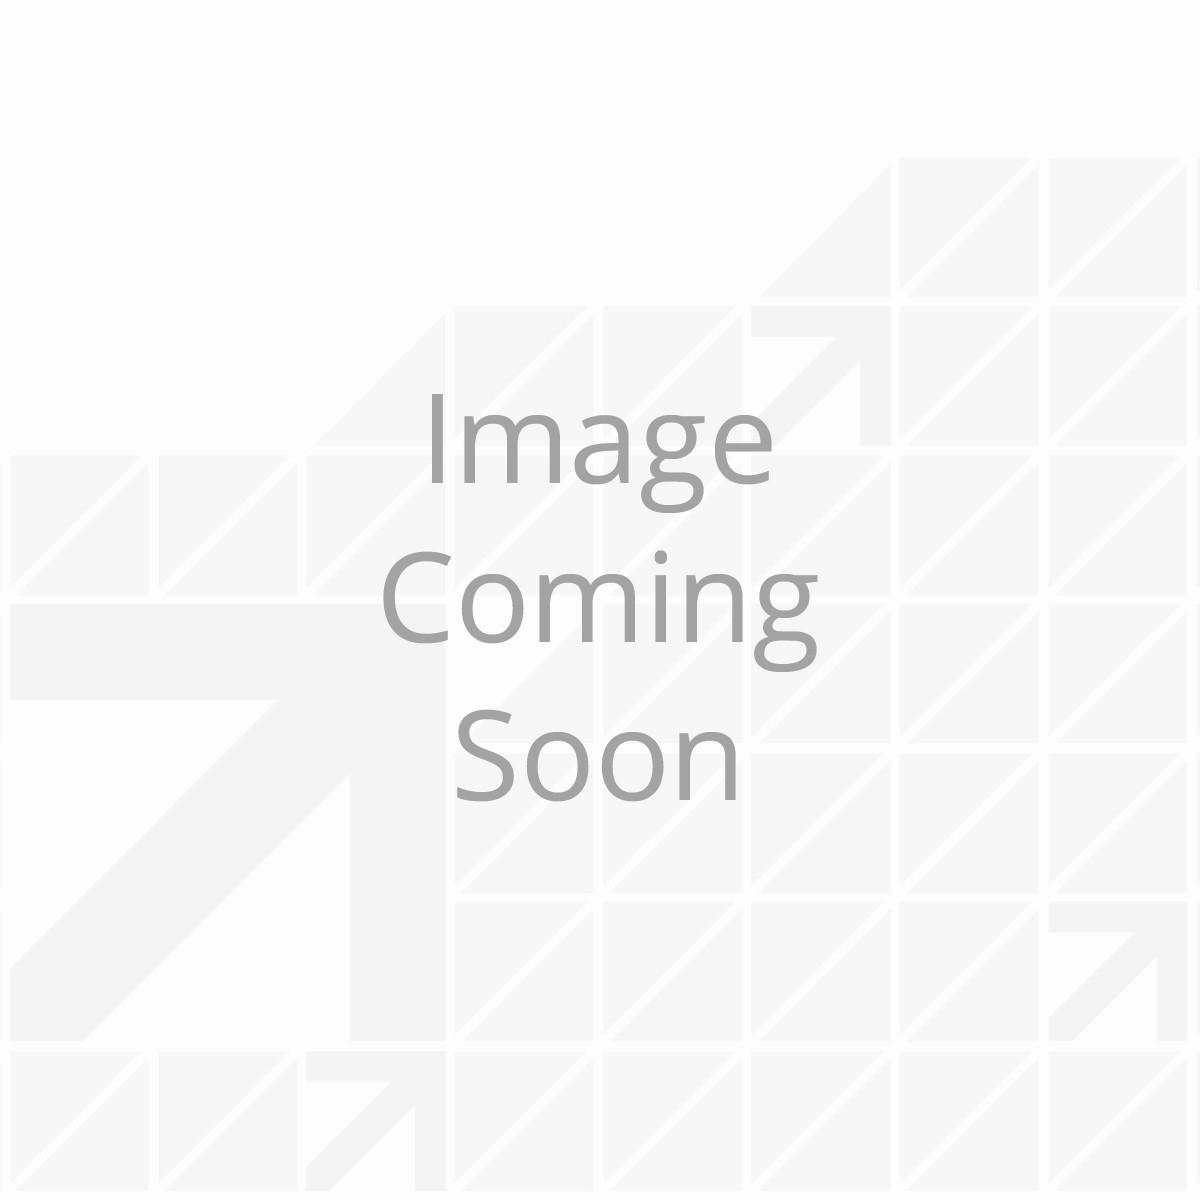 Tandem Axle AP Kit - Wide Stance EQ - Std. Bolts